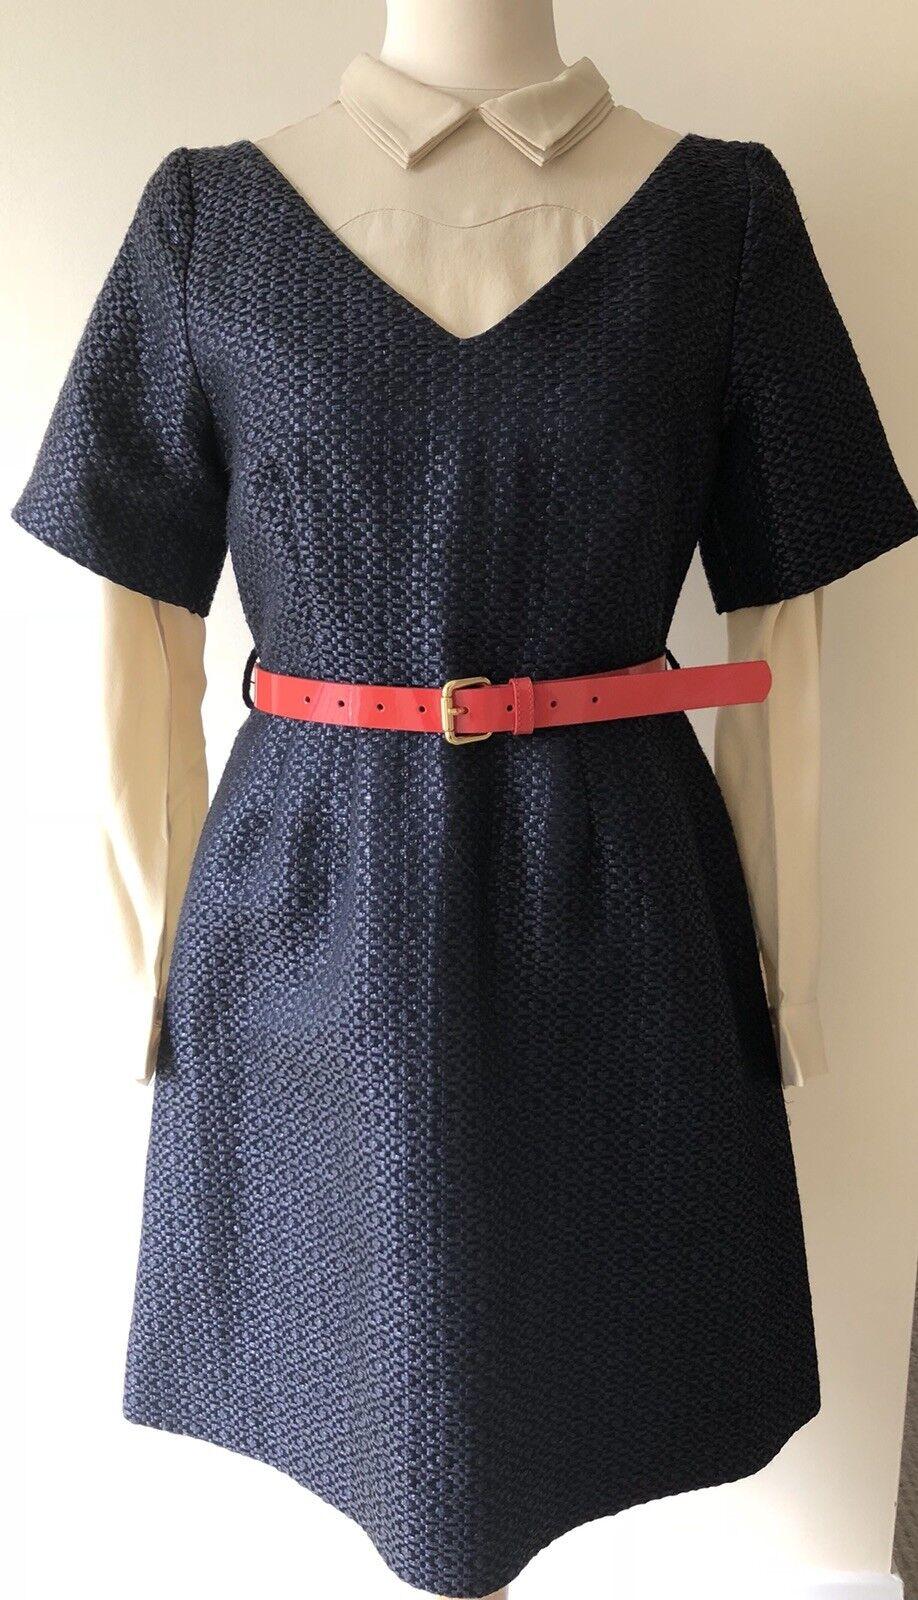 Orla Kiely Azul Marino Vestido Con Cinturón De Charol  Rojo Talla 8  forma única